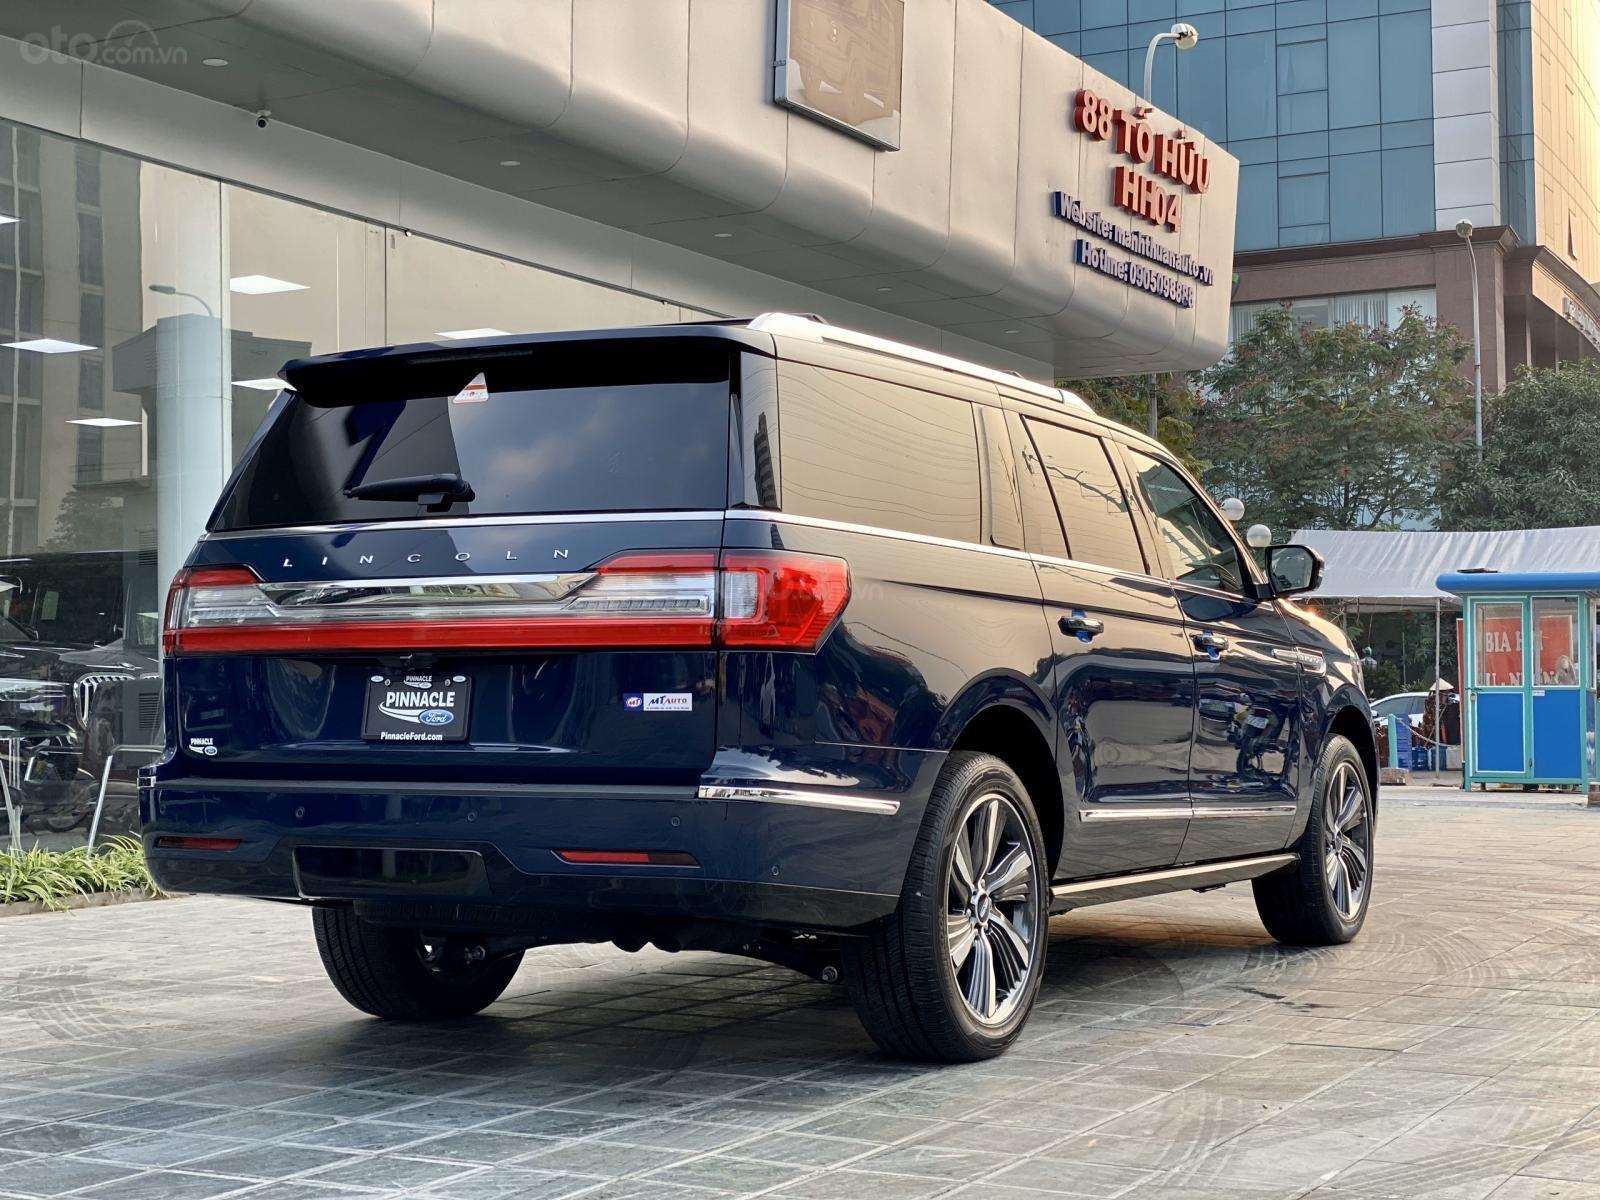 Bán xe Lincoln Navigator Navigator 2020, giá tốt, giao ngay toàn quốc. LH Ms. Hương 0945.39.2468 (6)